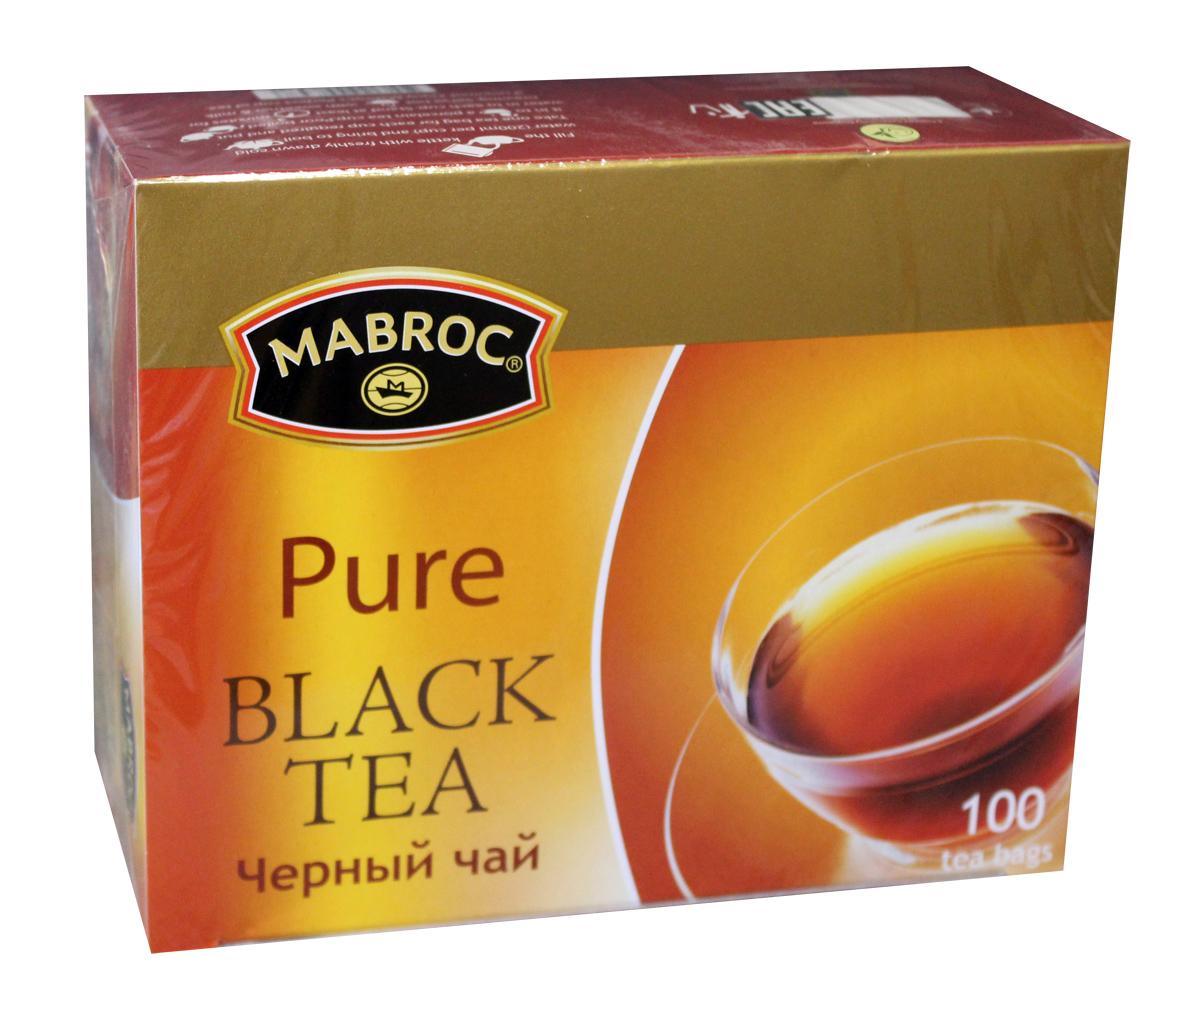 Mabroc Премиум классик чай черный в пакетиках, 100 шт4791029008578Mabroc Премиум классик - это качественный чай с собственных плантаций. Его насыщенный вкус и терпкий аромат никого не оставят равнодушным. Цейлонский черный мелколистовой чай в пакетиках имеет яркий, прозрачный настой с интенсивной окраской. Быстро заваривается. Вкус терпкий с приятной горчинкой и хорошо выраженным ароматом.